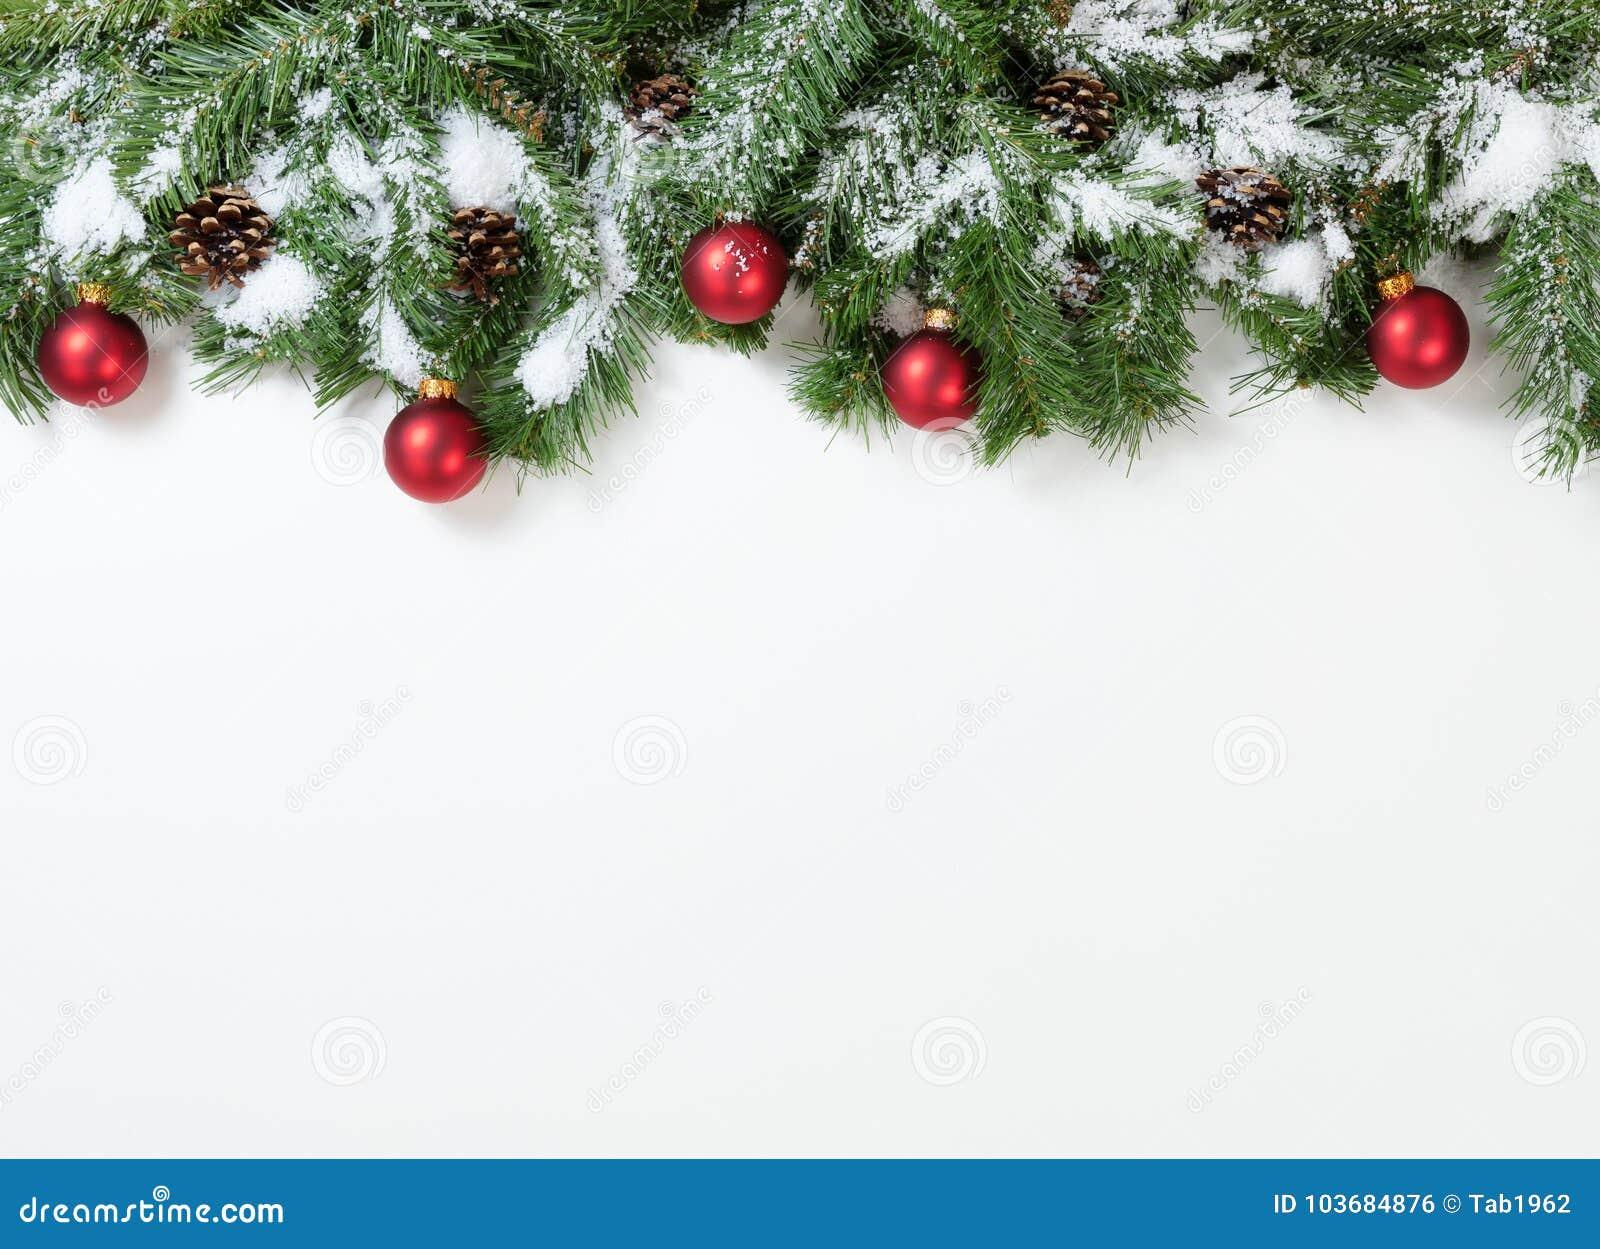 Röda prydnader för snöig jul som hänger i granträdfilialer